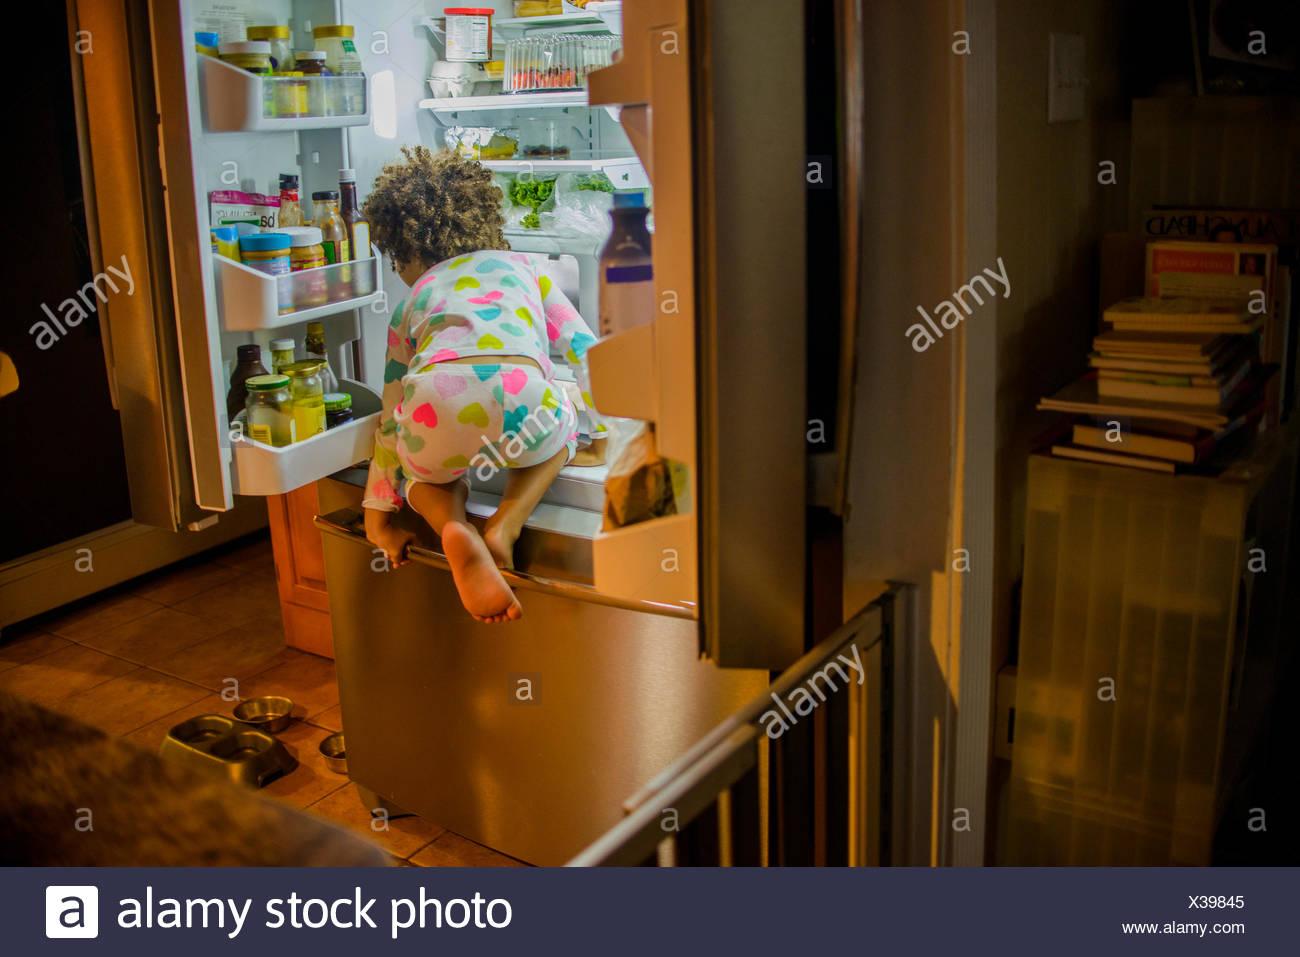 Vista trasera de chica furtivamente la comida y la bebida en el refrigerador por la noche Imagen De Stock